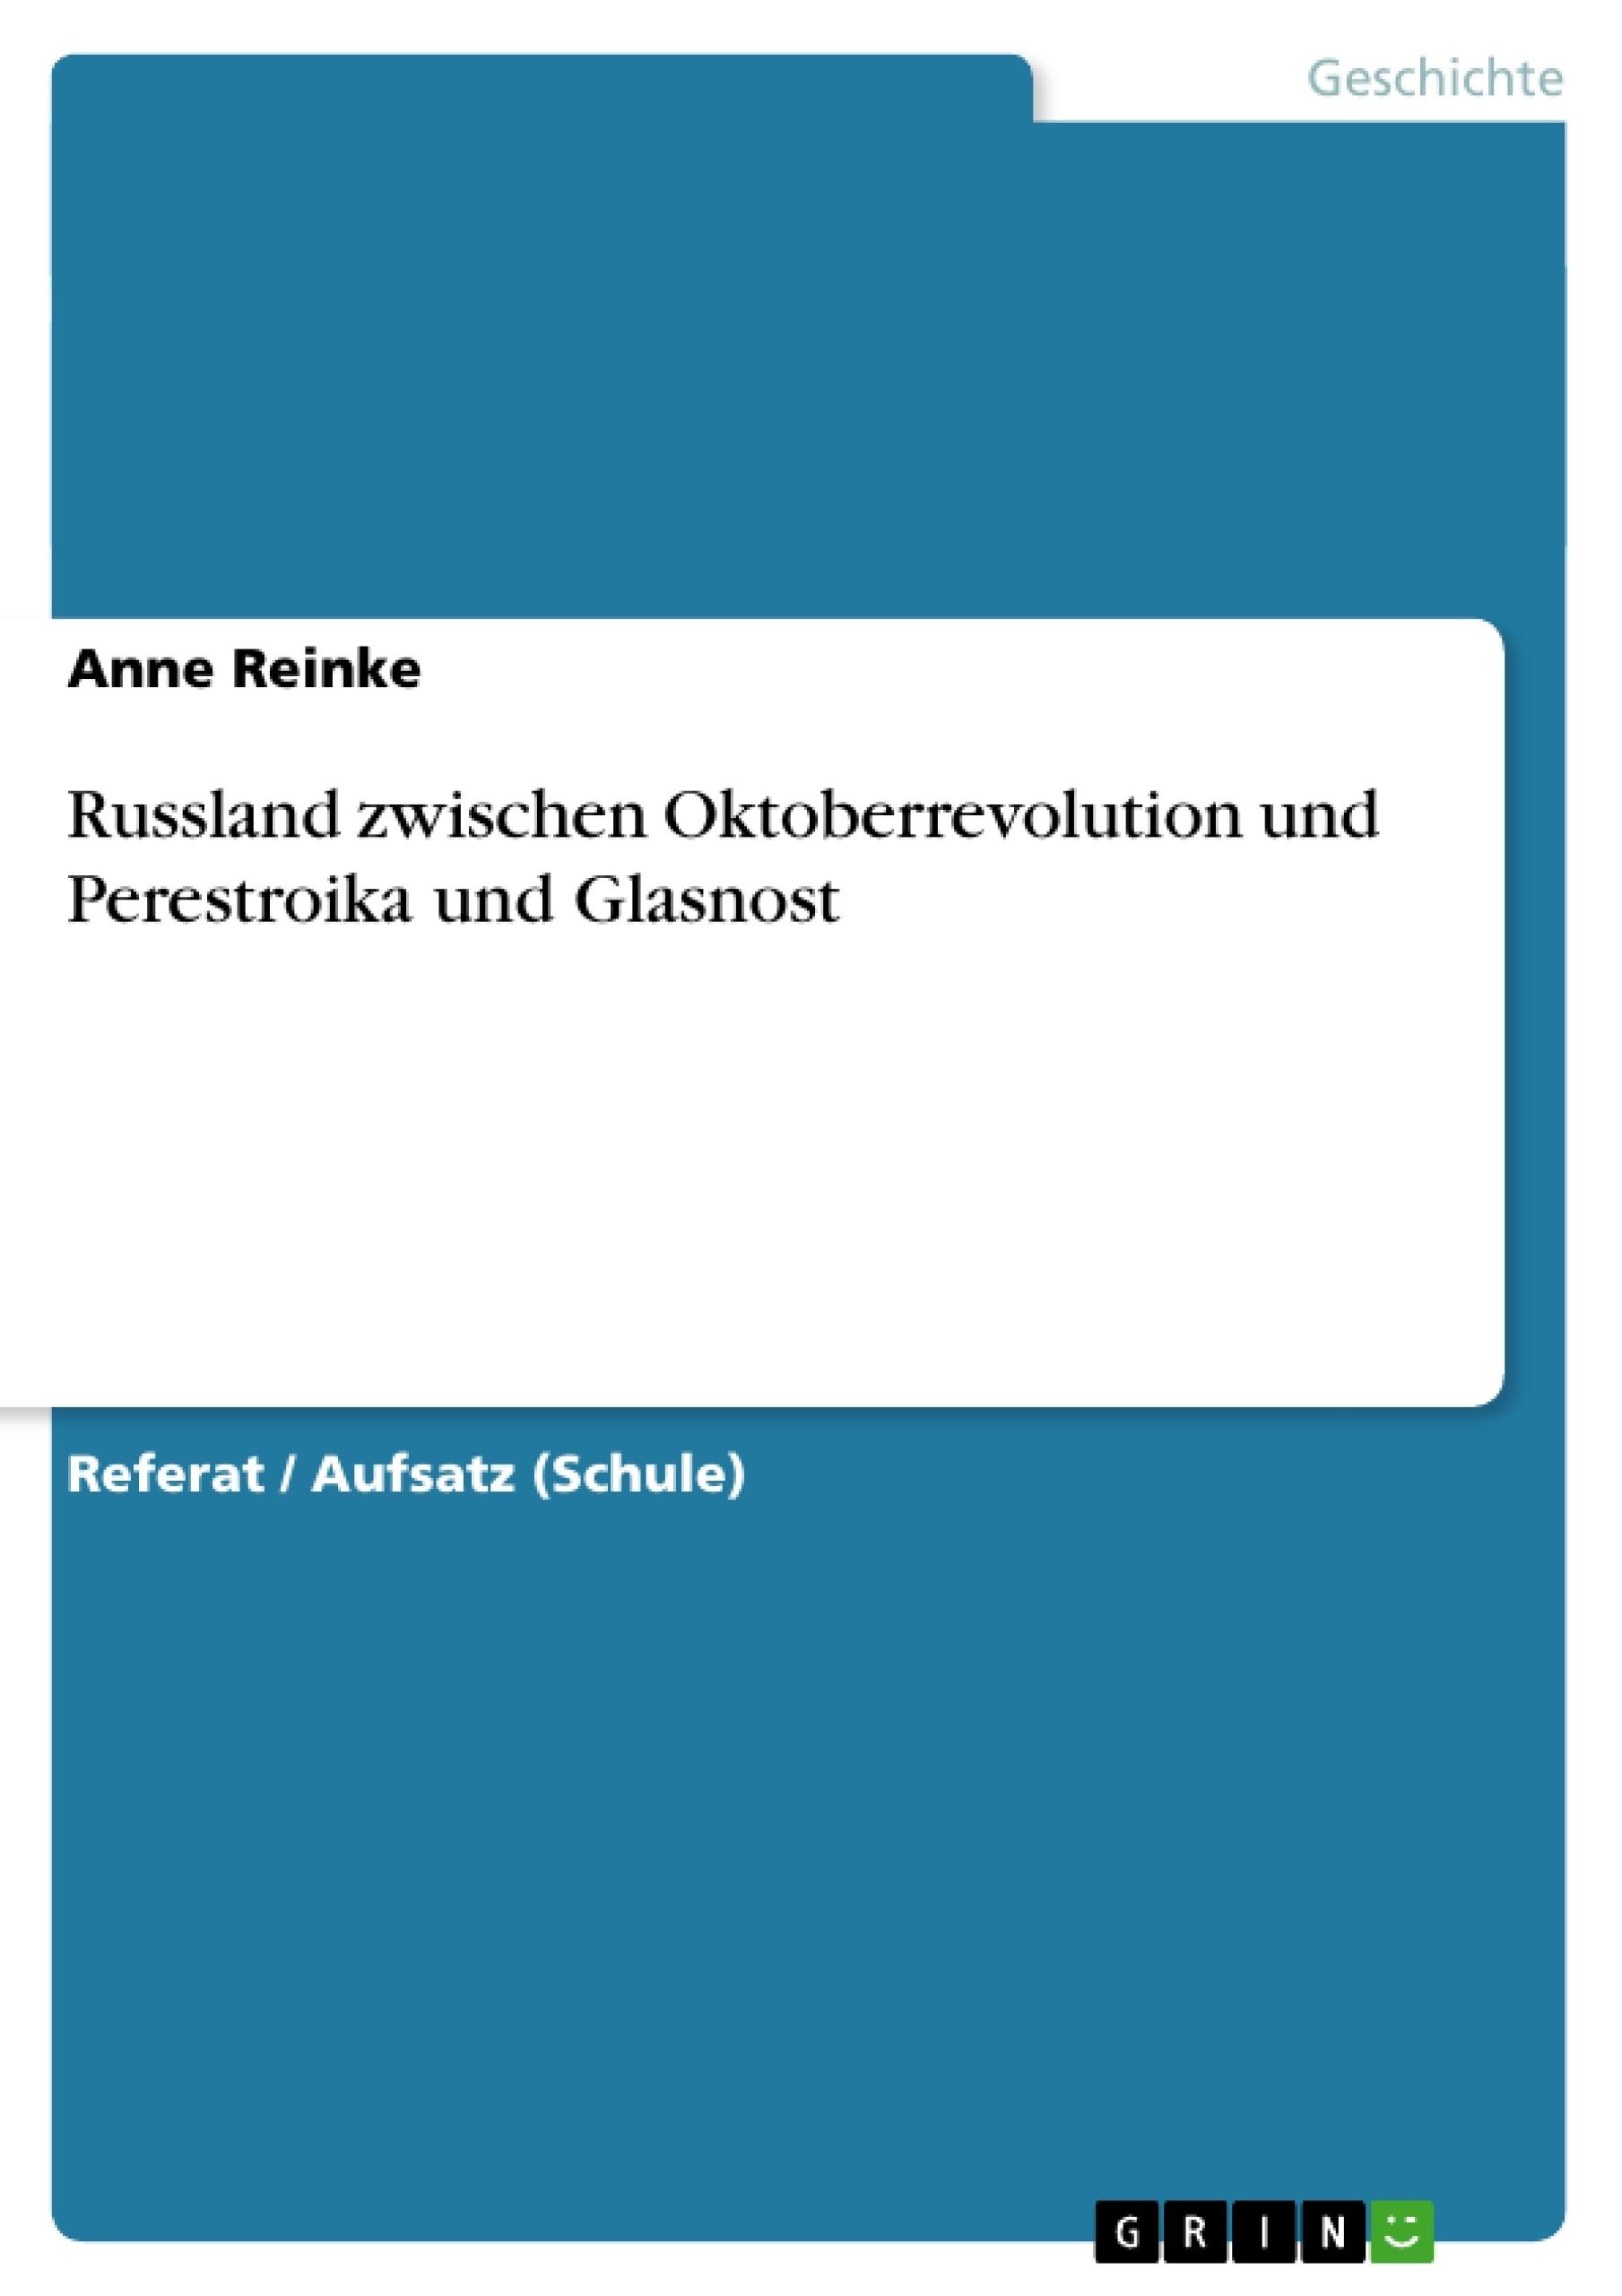 Titel: Russland zwischen Oktoberrevolution und Perestroika und Glasnost